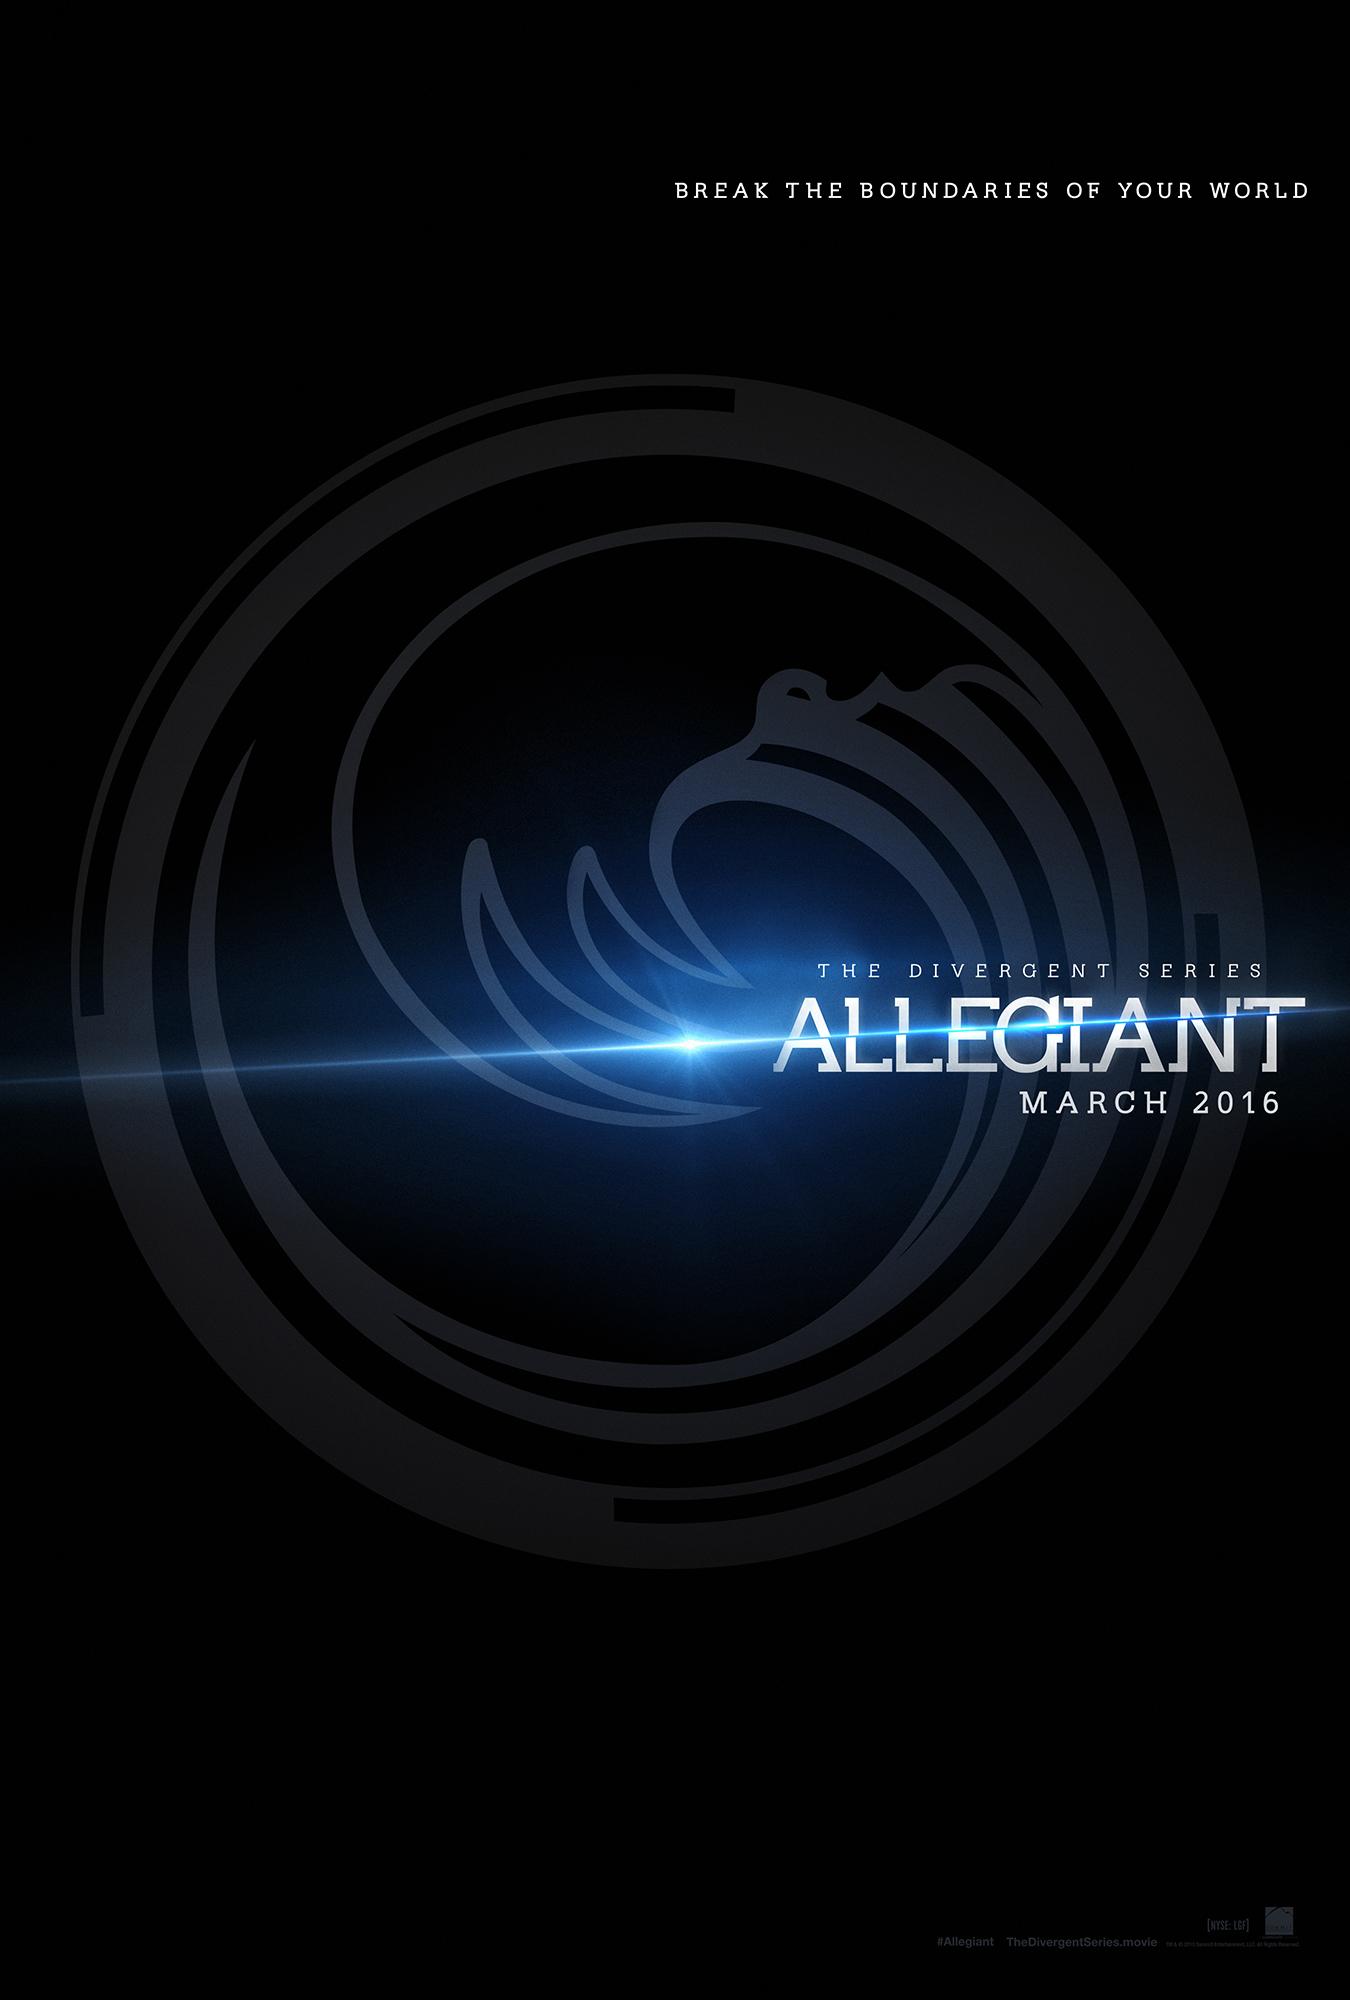 Allegiant_Tsr_Online_100dpi.jpg